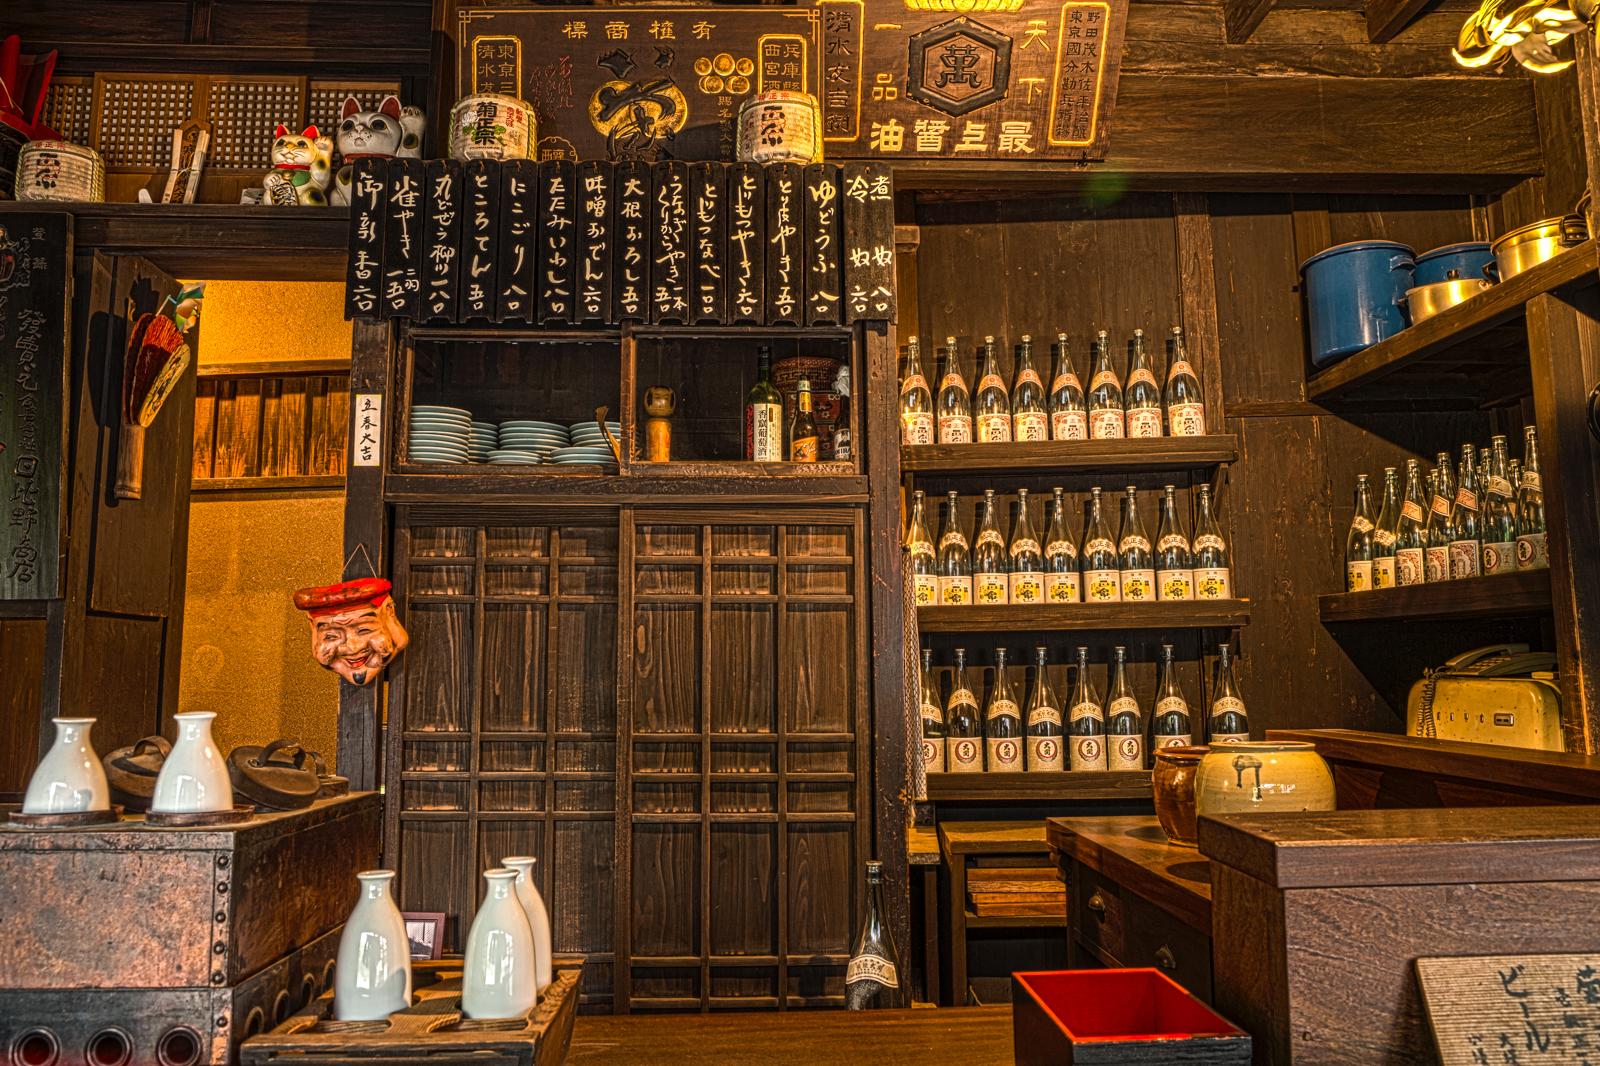 江戸東京たてもの園、鍵屋(居酒屋)店内のHDR写真